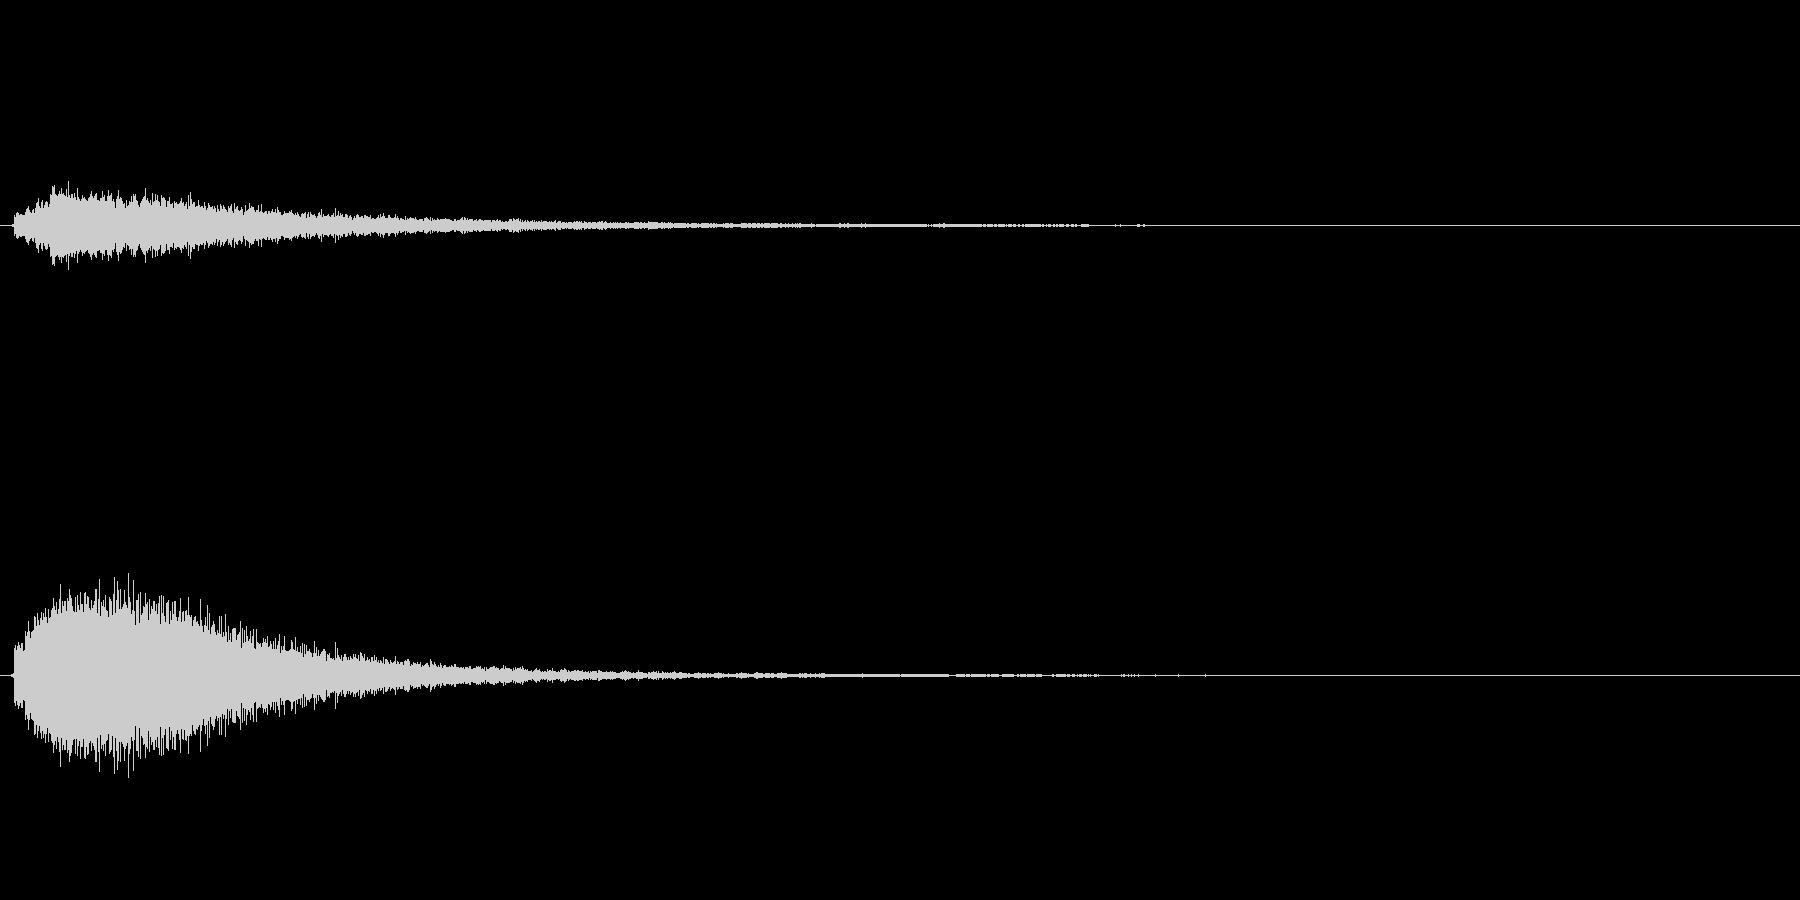 キラキラ系_036の未再生の波形